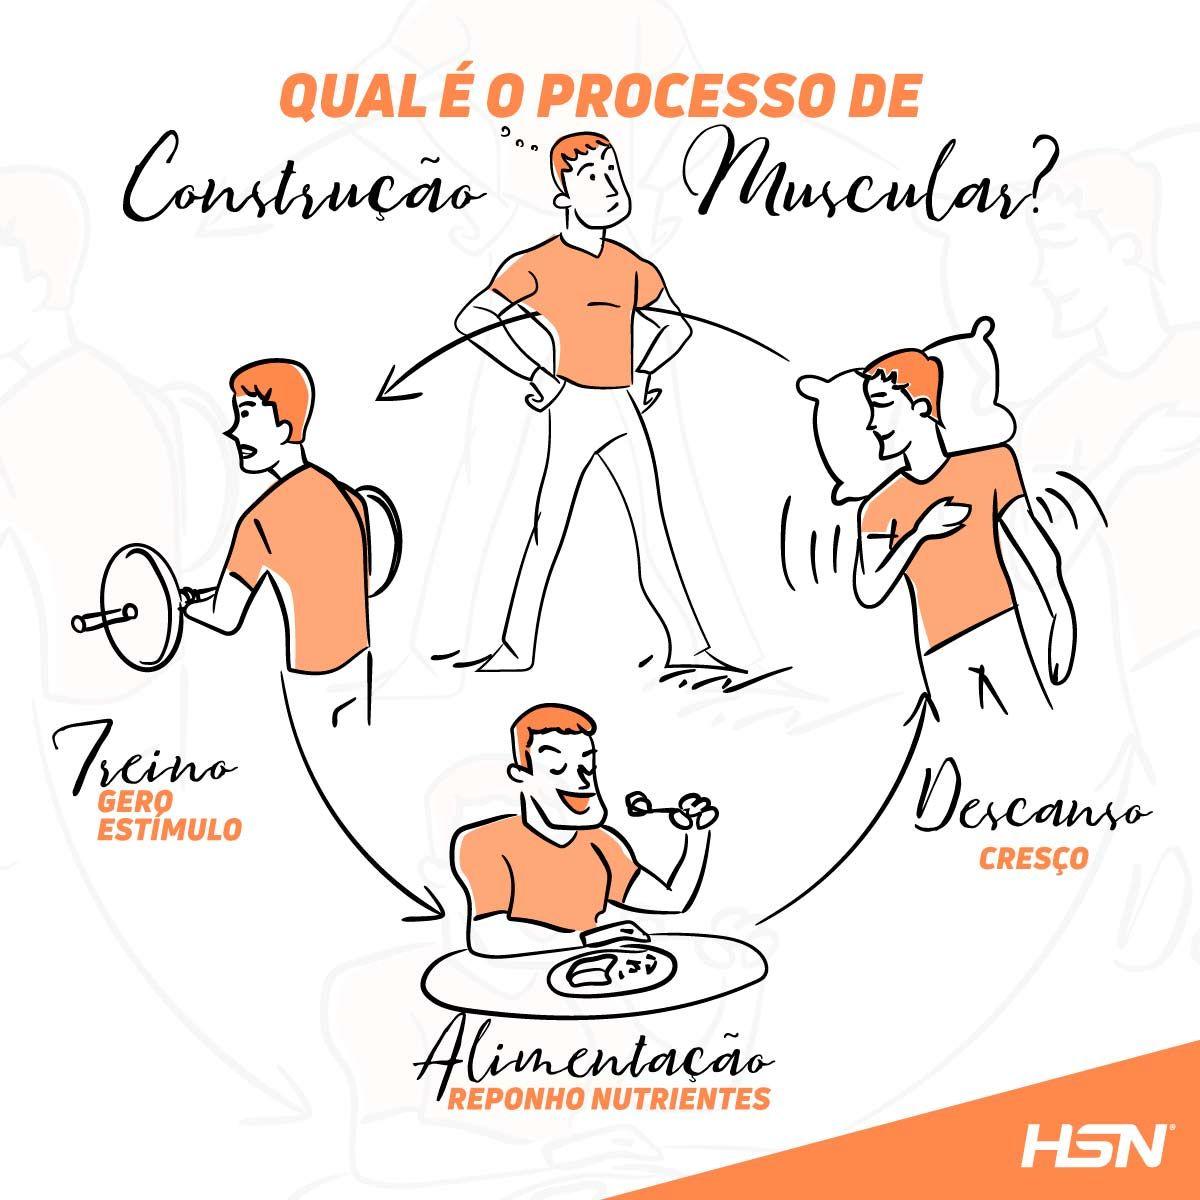 Construçao muscular